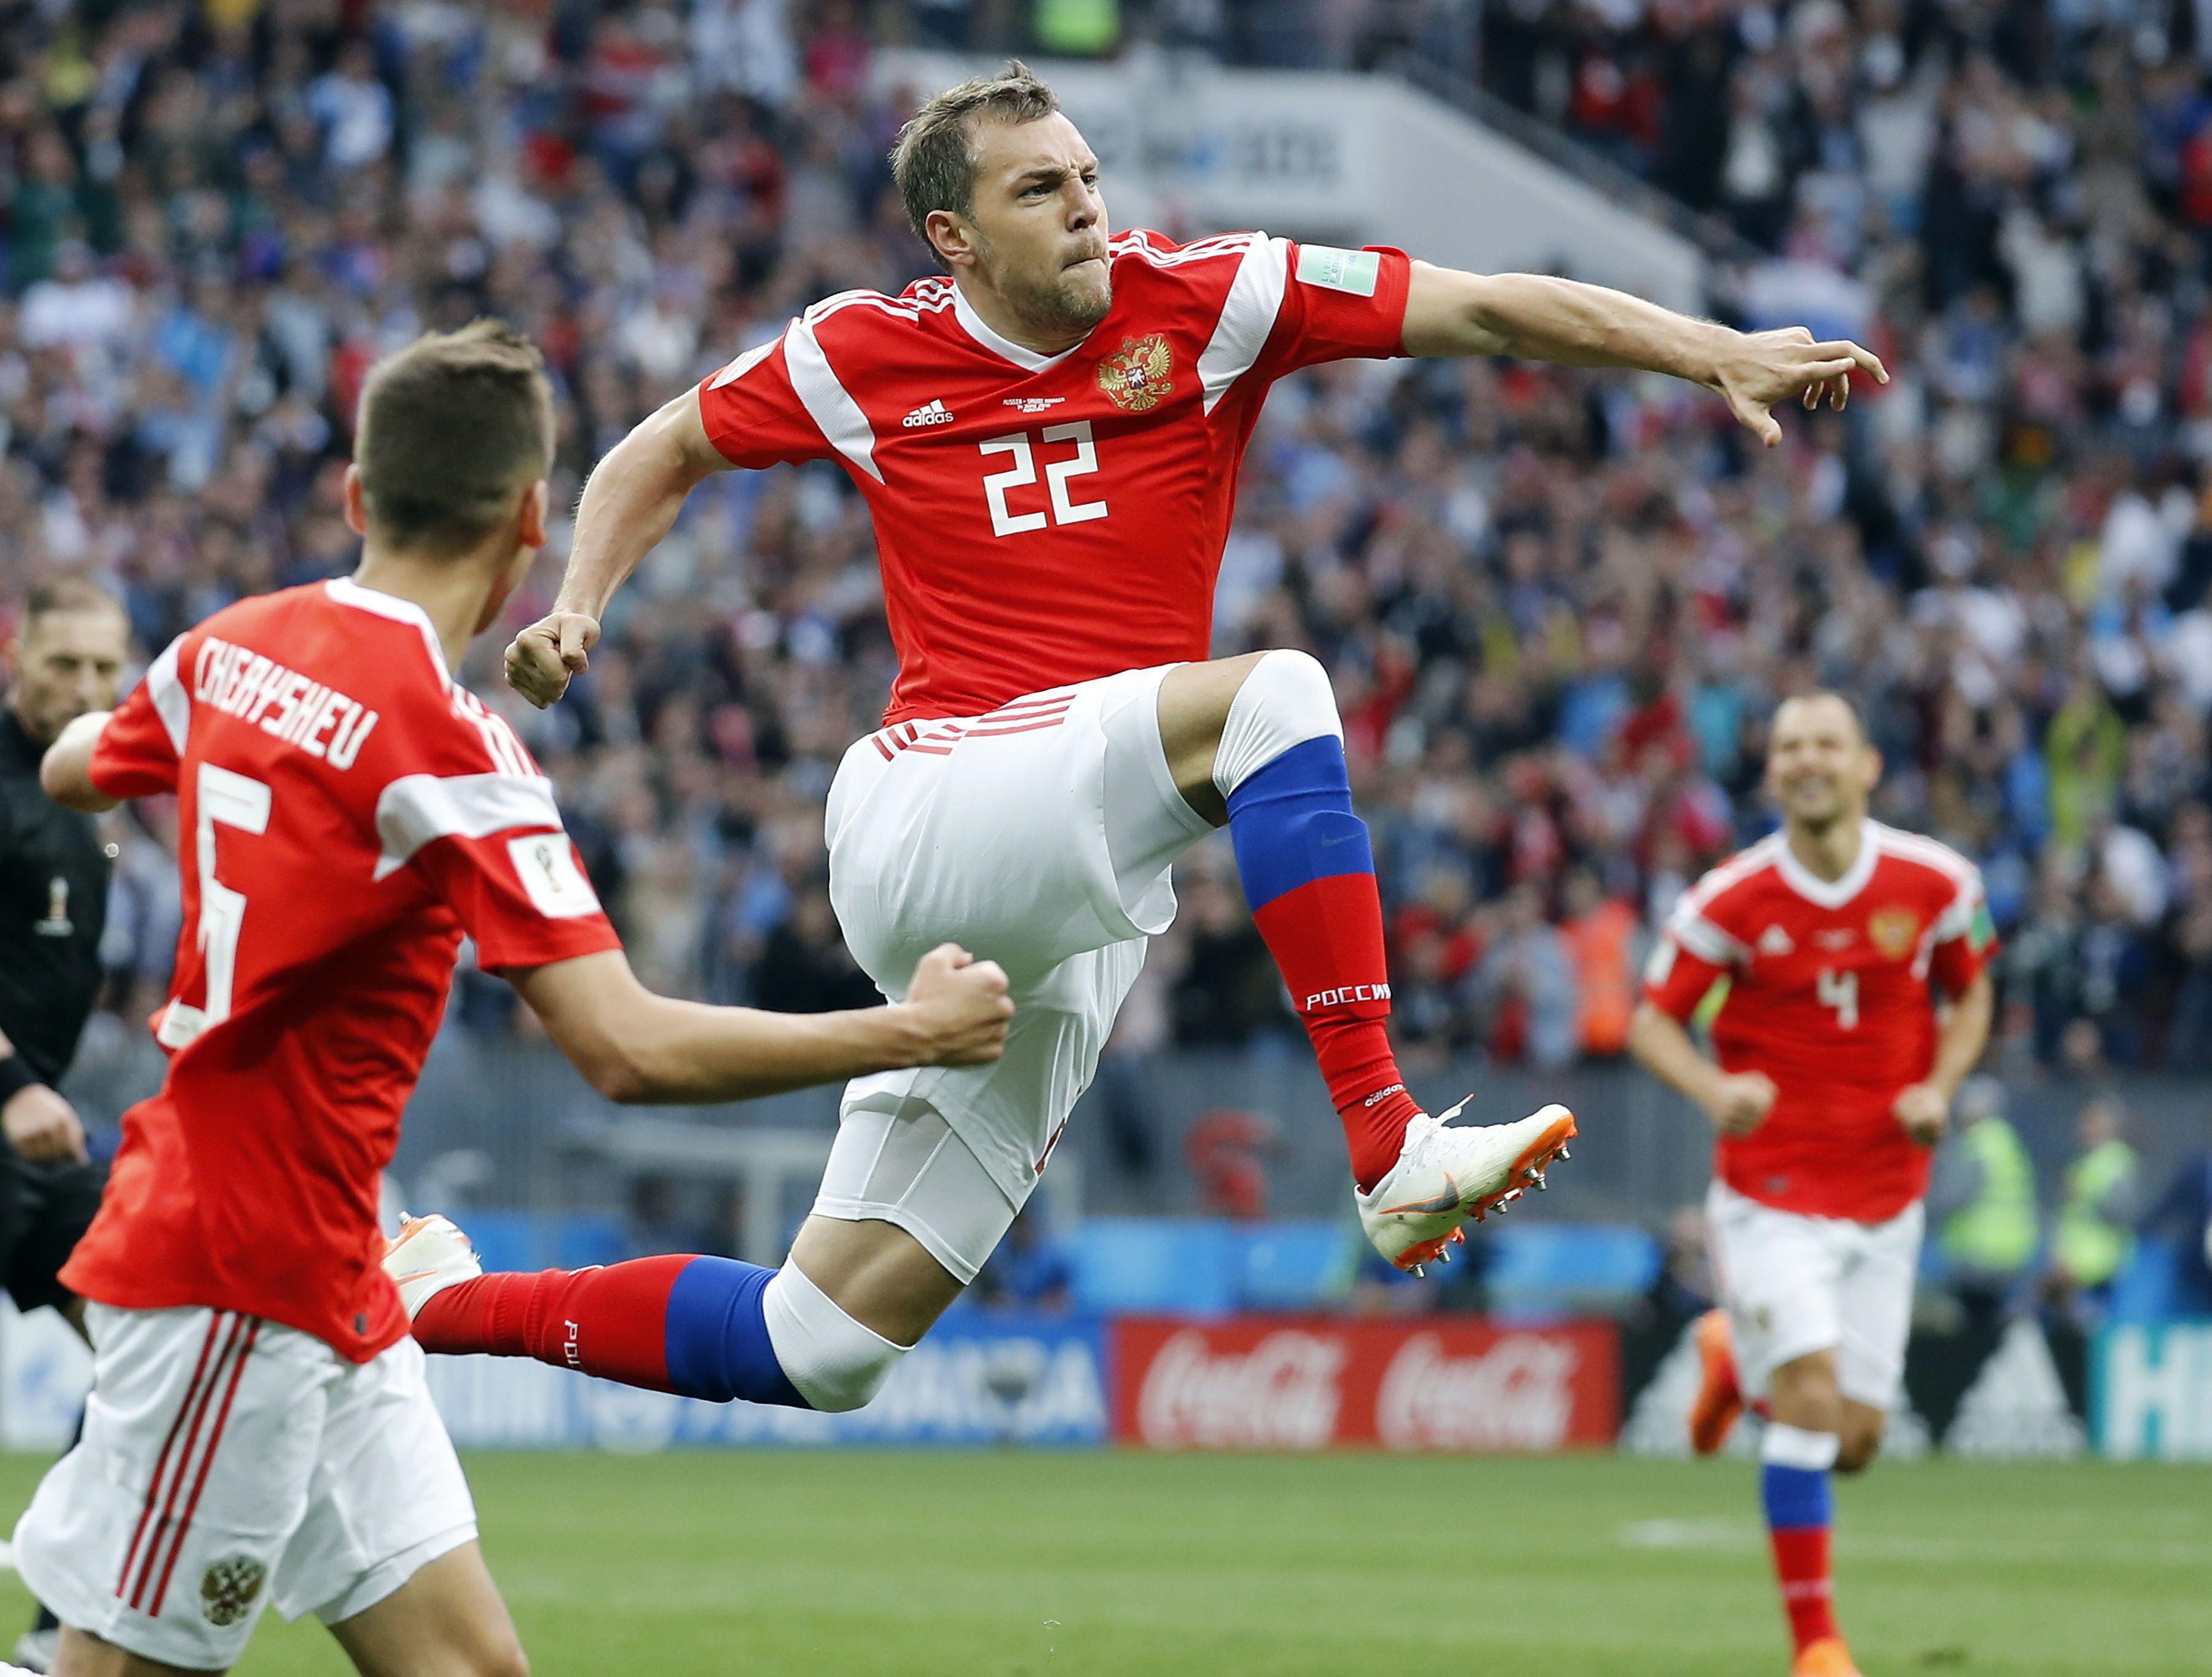 Rusia aplastó en su debut en el Mundial. Foto: EFE